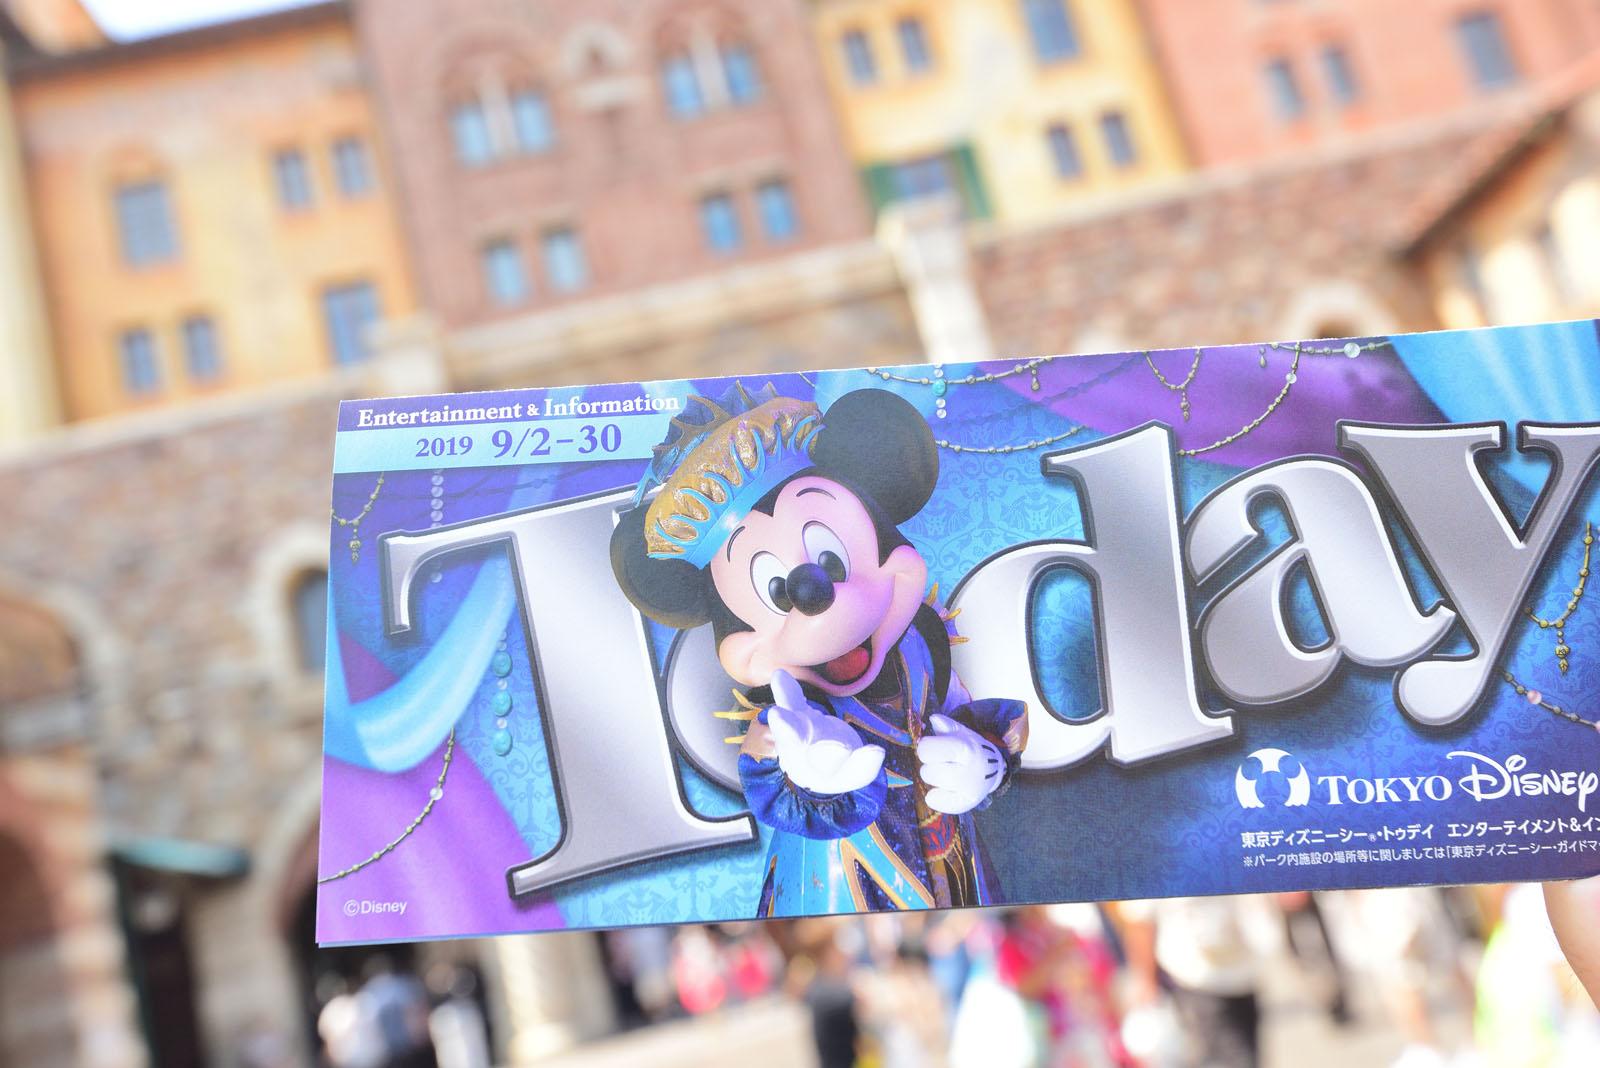 東京ディズニーシー Today 2019年9月2日~9月30日 ディズニー・ハロウィーン2019 ミッキー